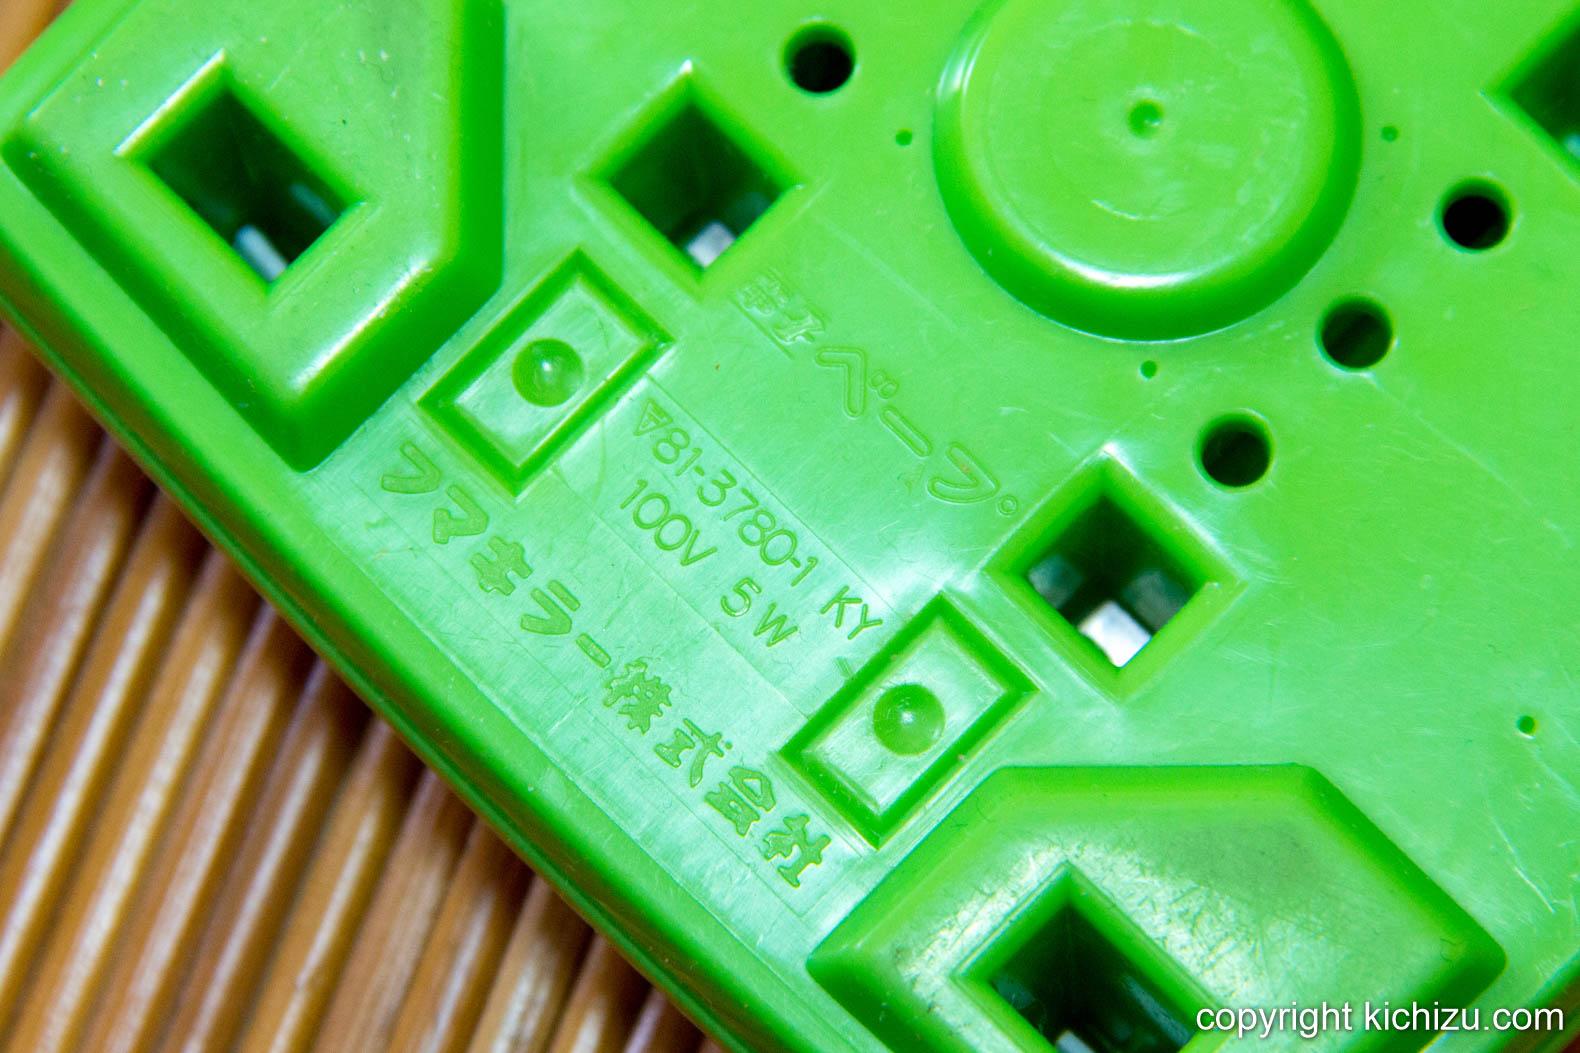 ベープ 電子蚊取りマット正方形型の裏側